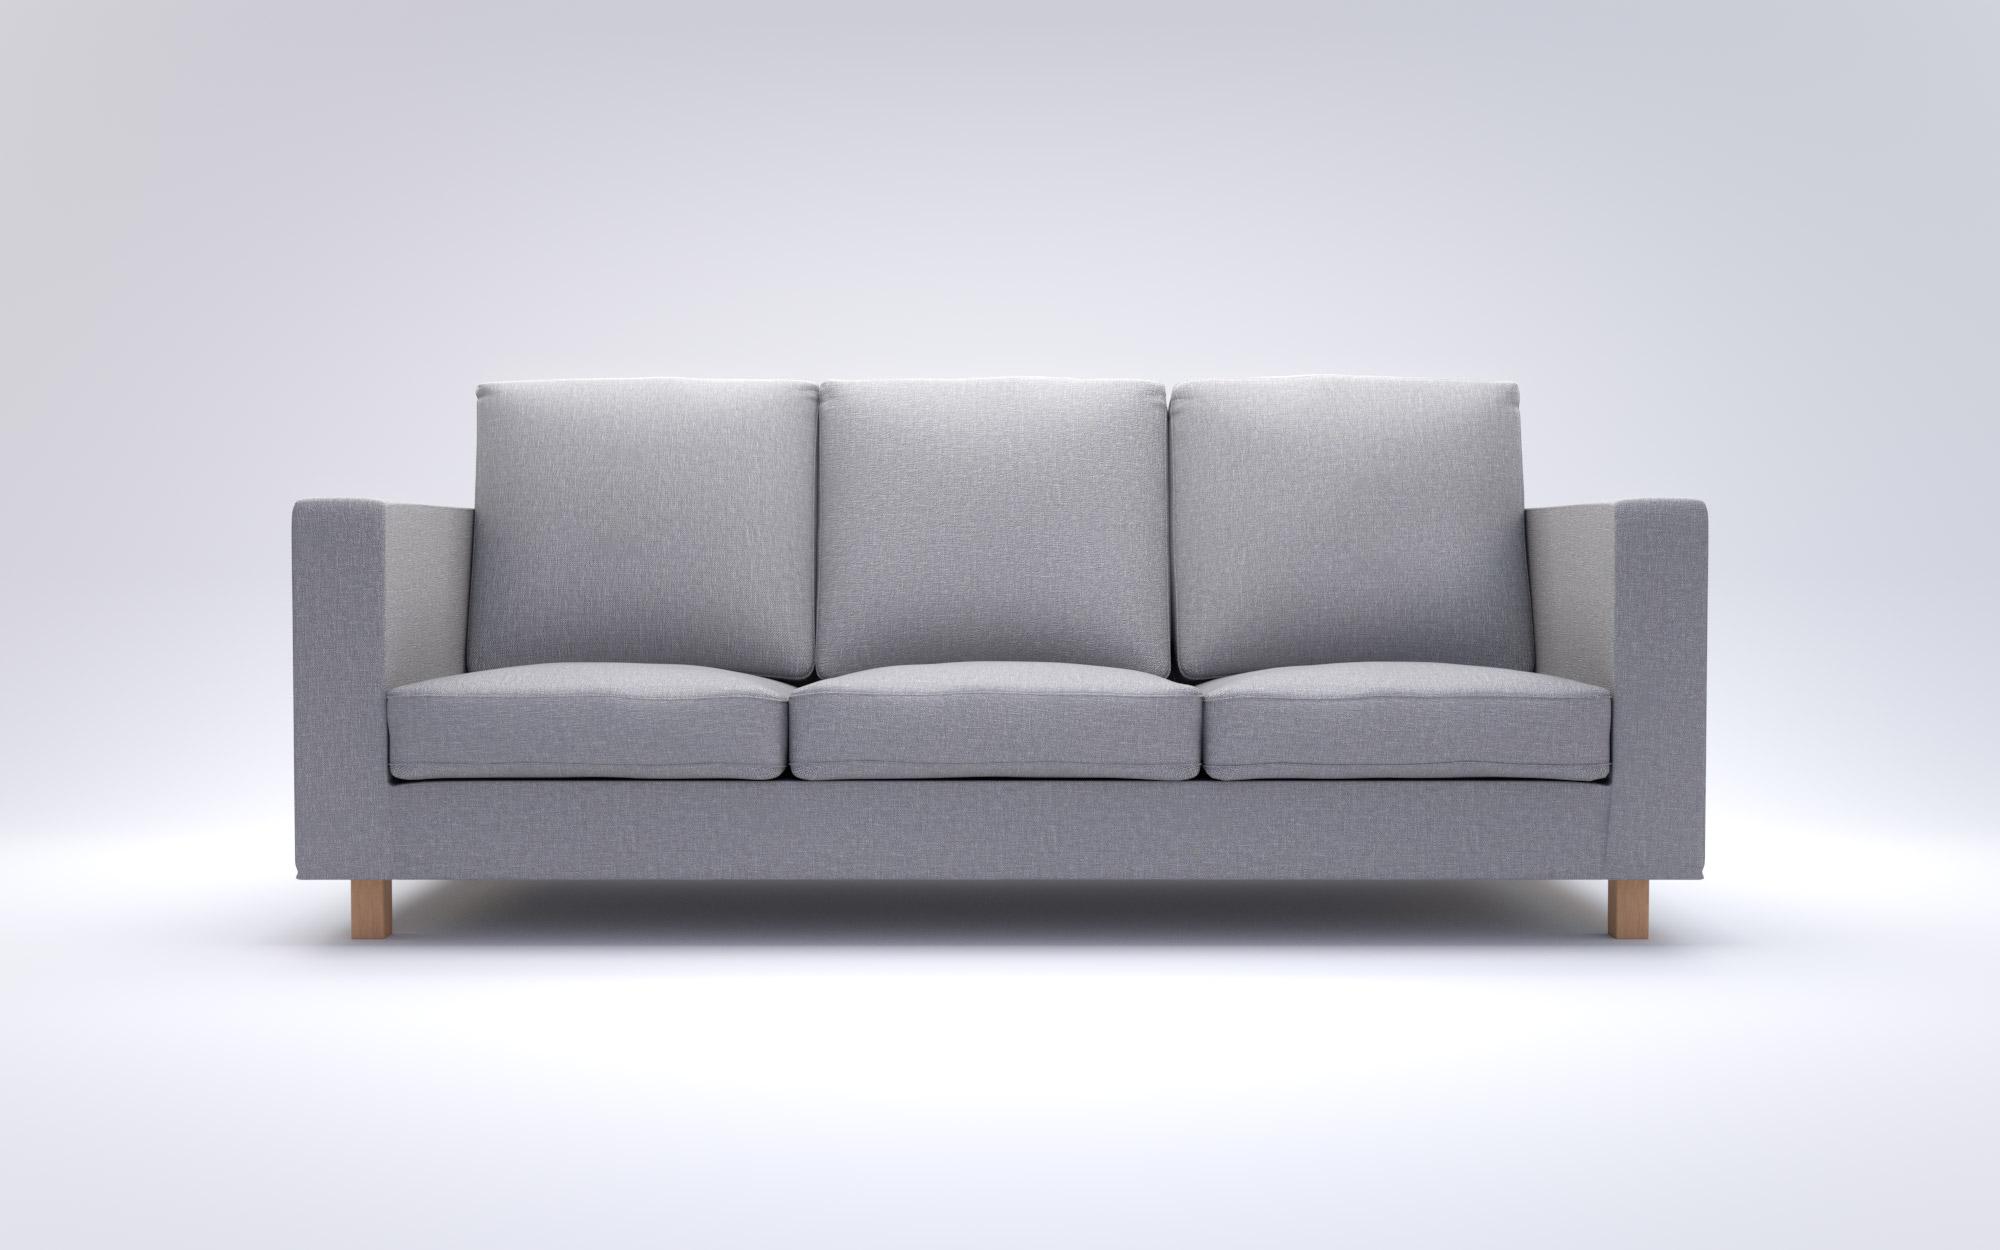 Sofa Wizualizacja 3D